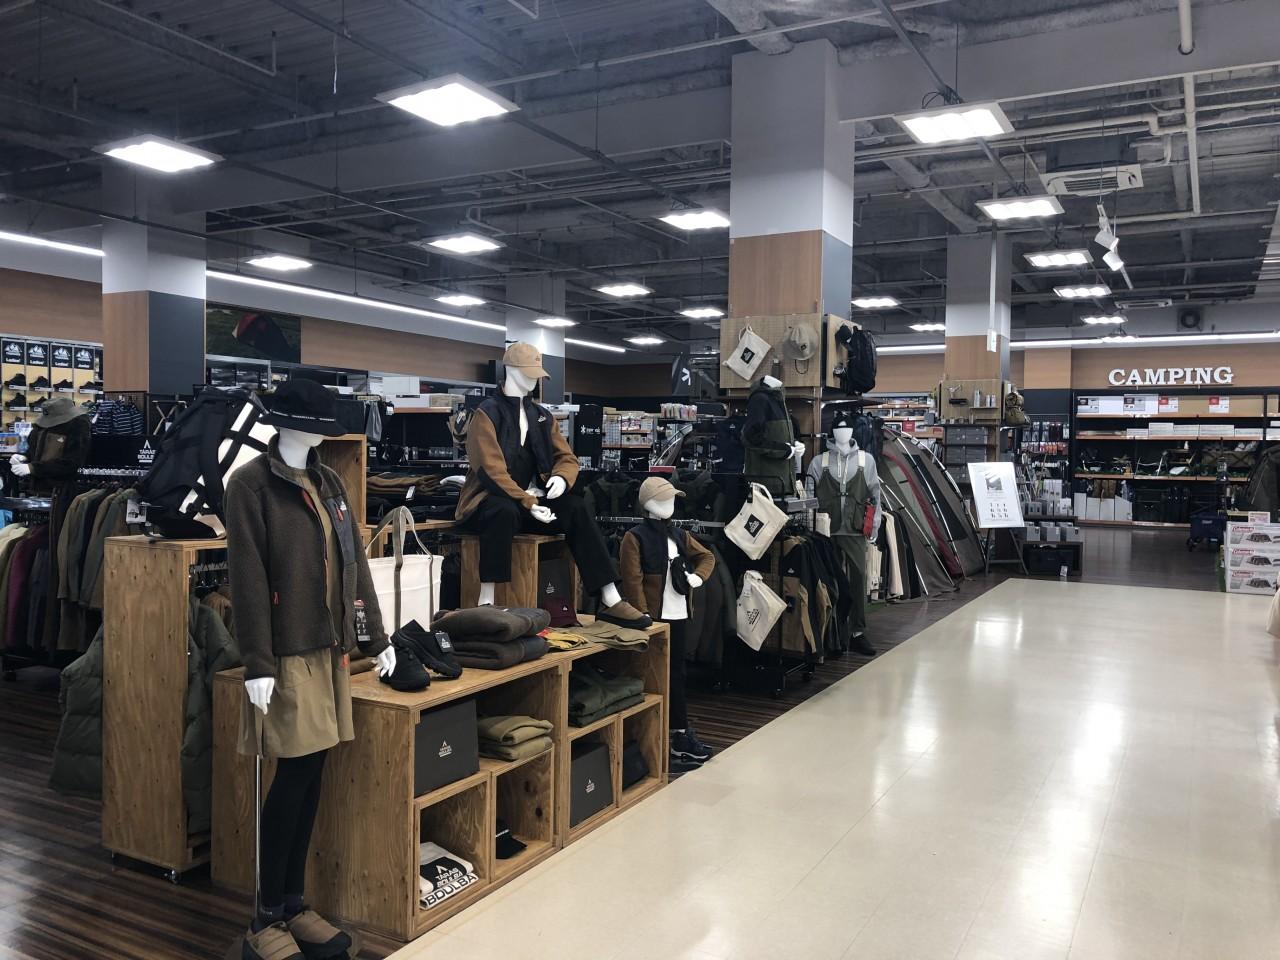 リニューアルオープン後のスポーツオーソリティ松戸店